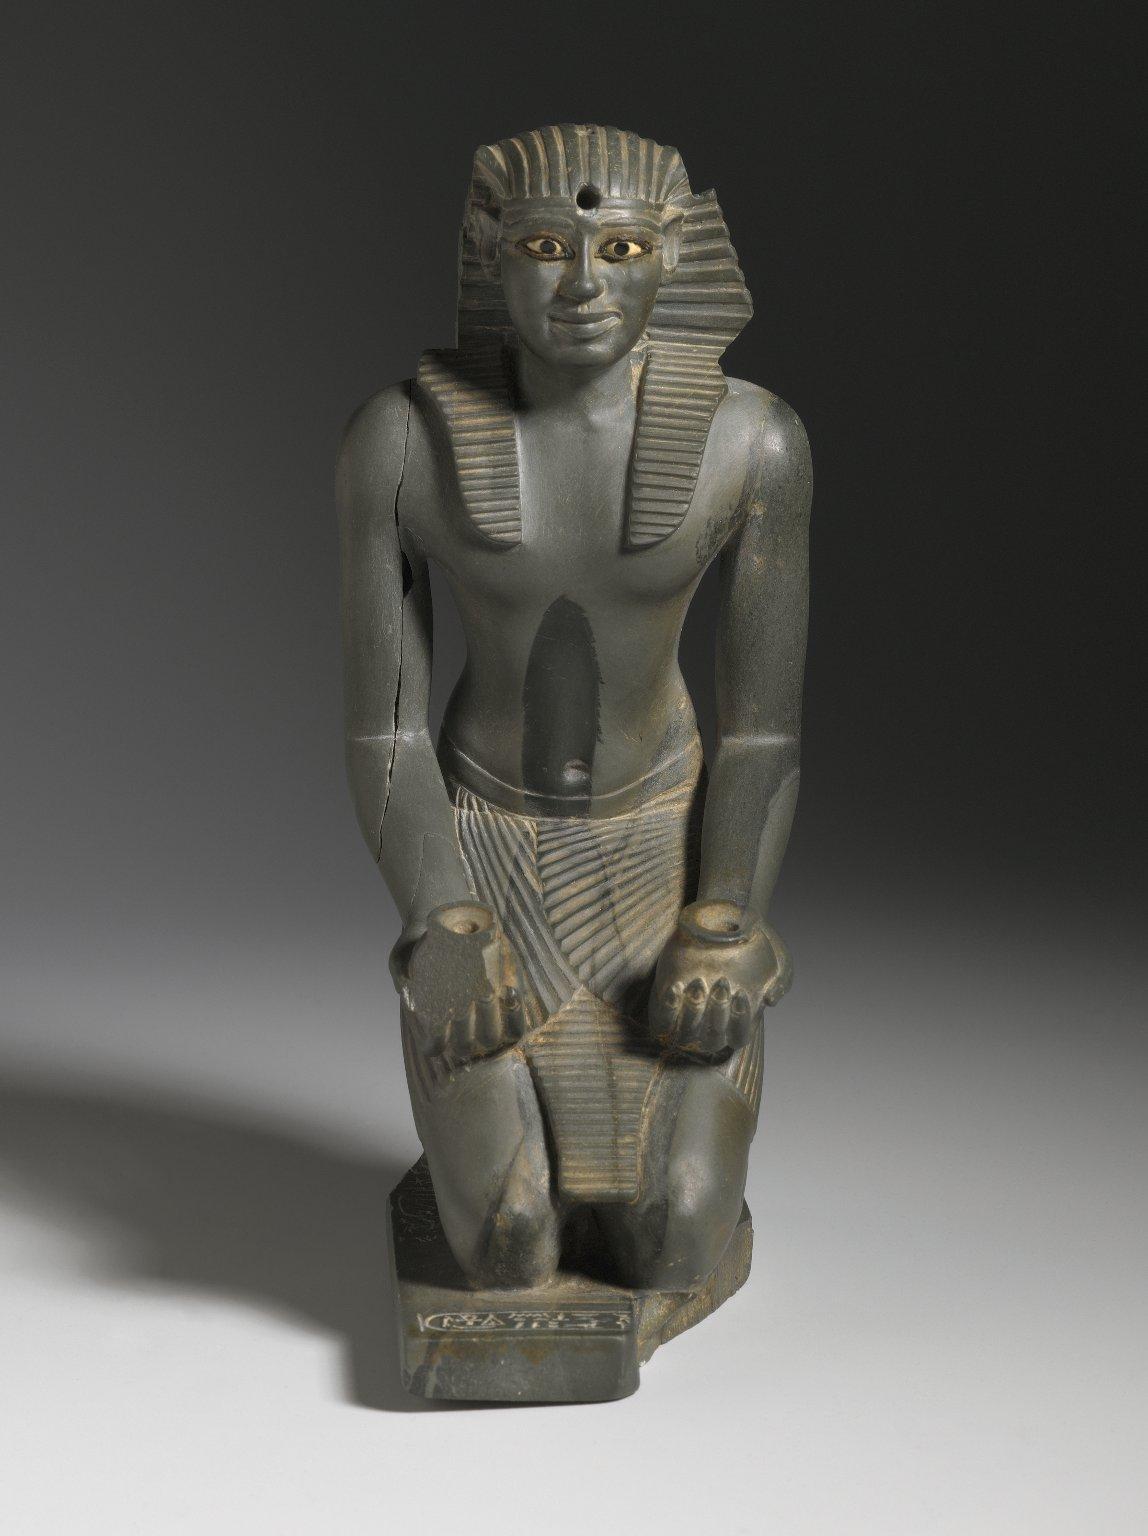 Kneeling_Statuette_of_Pepy_I%2C_ca._2338-2298_B.C.E.%2C_39.121.jpg